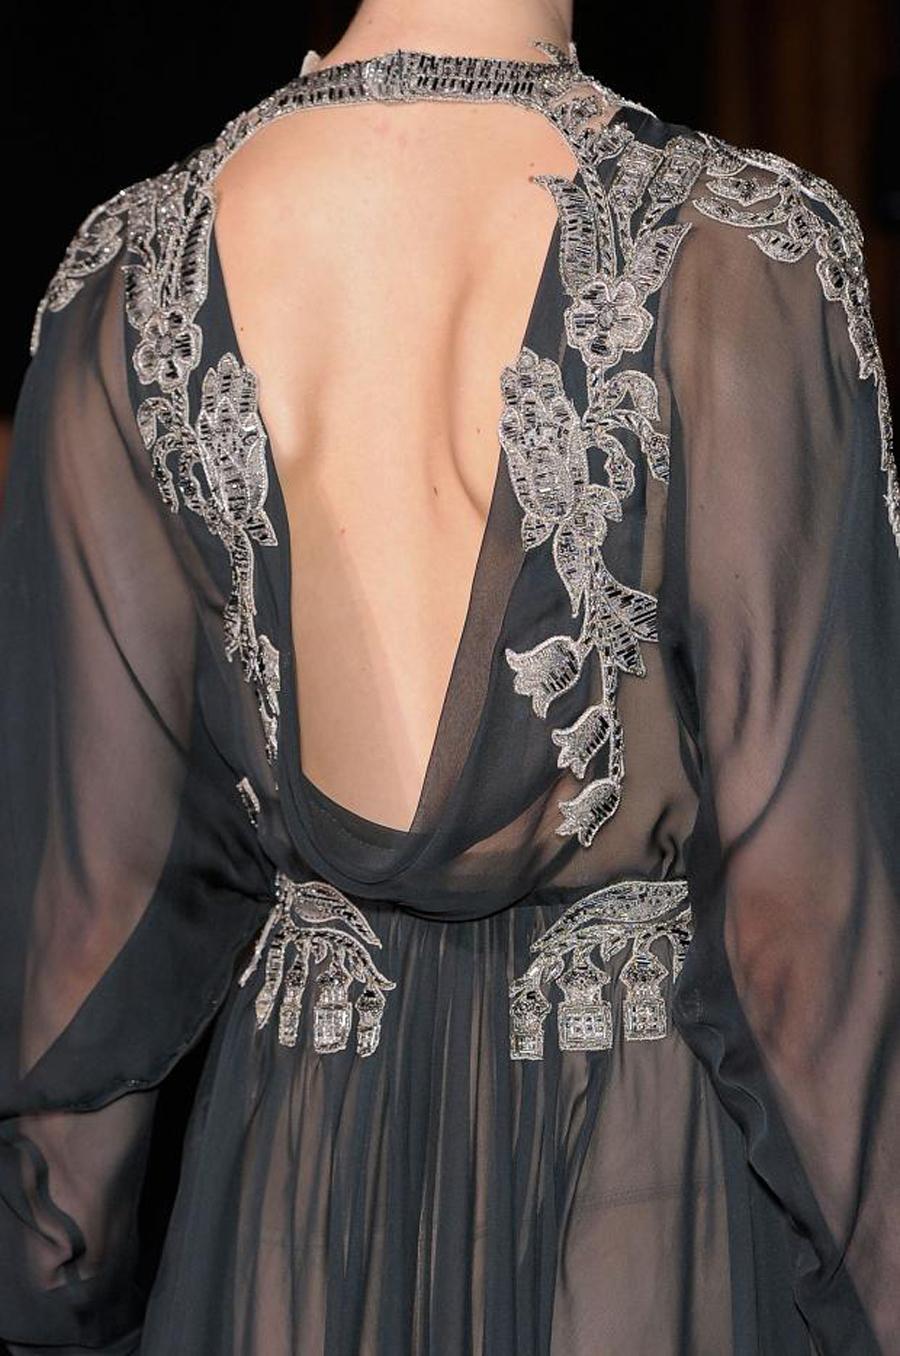 Punto moda by alejandra lulli haute couture details for Haute couture details